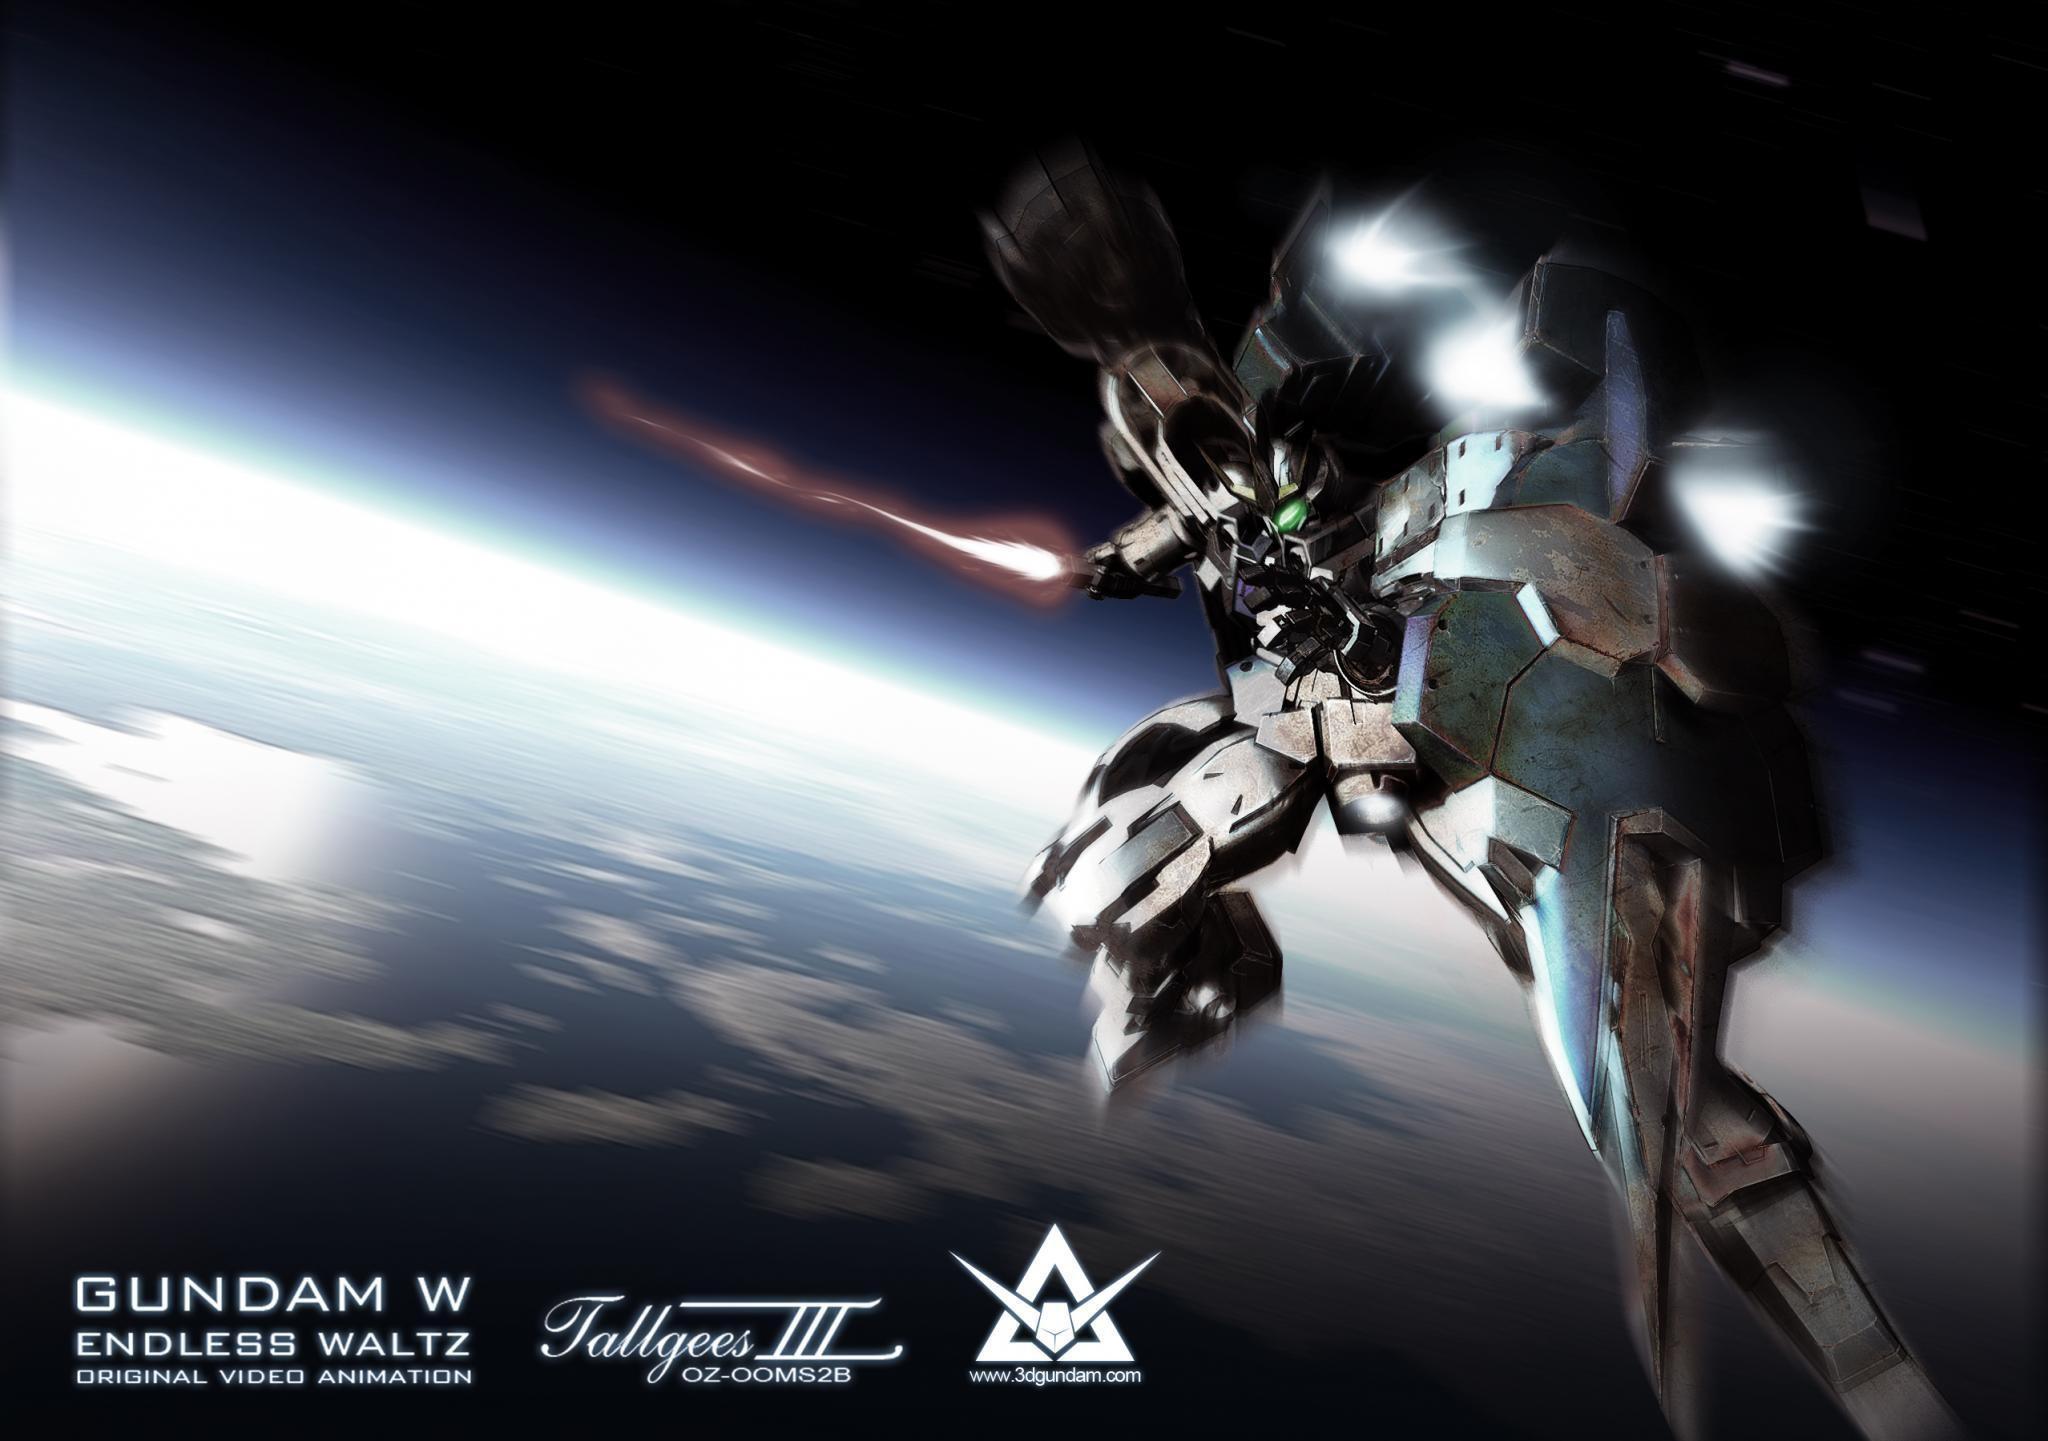 Gundam Wing – wallpaper.